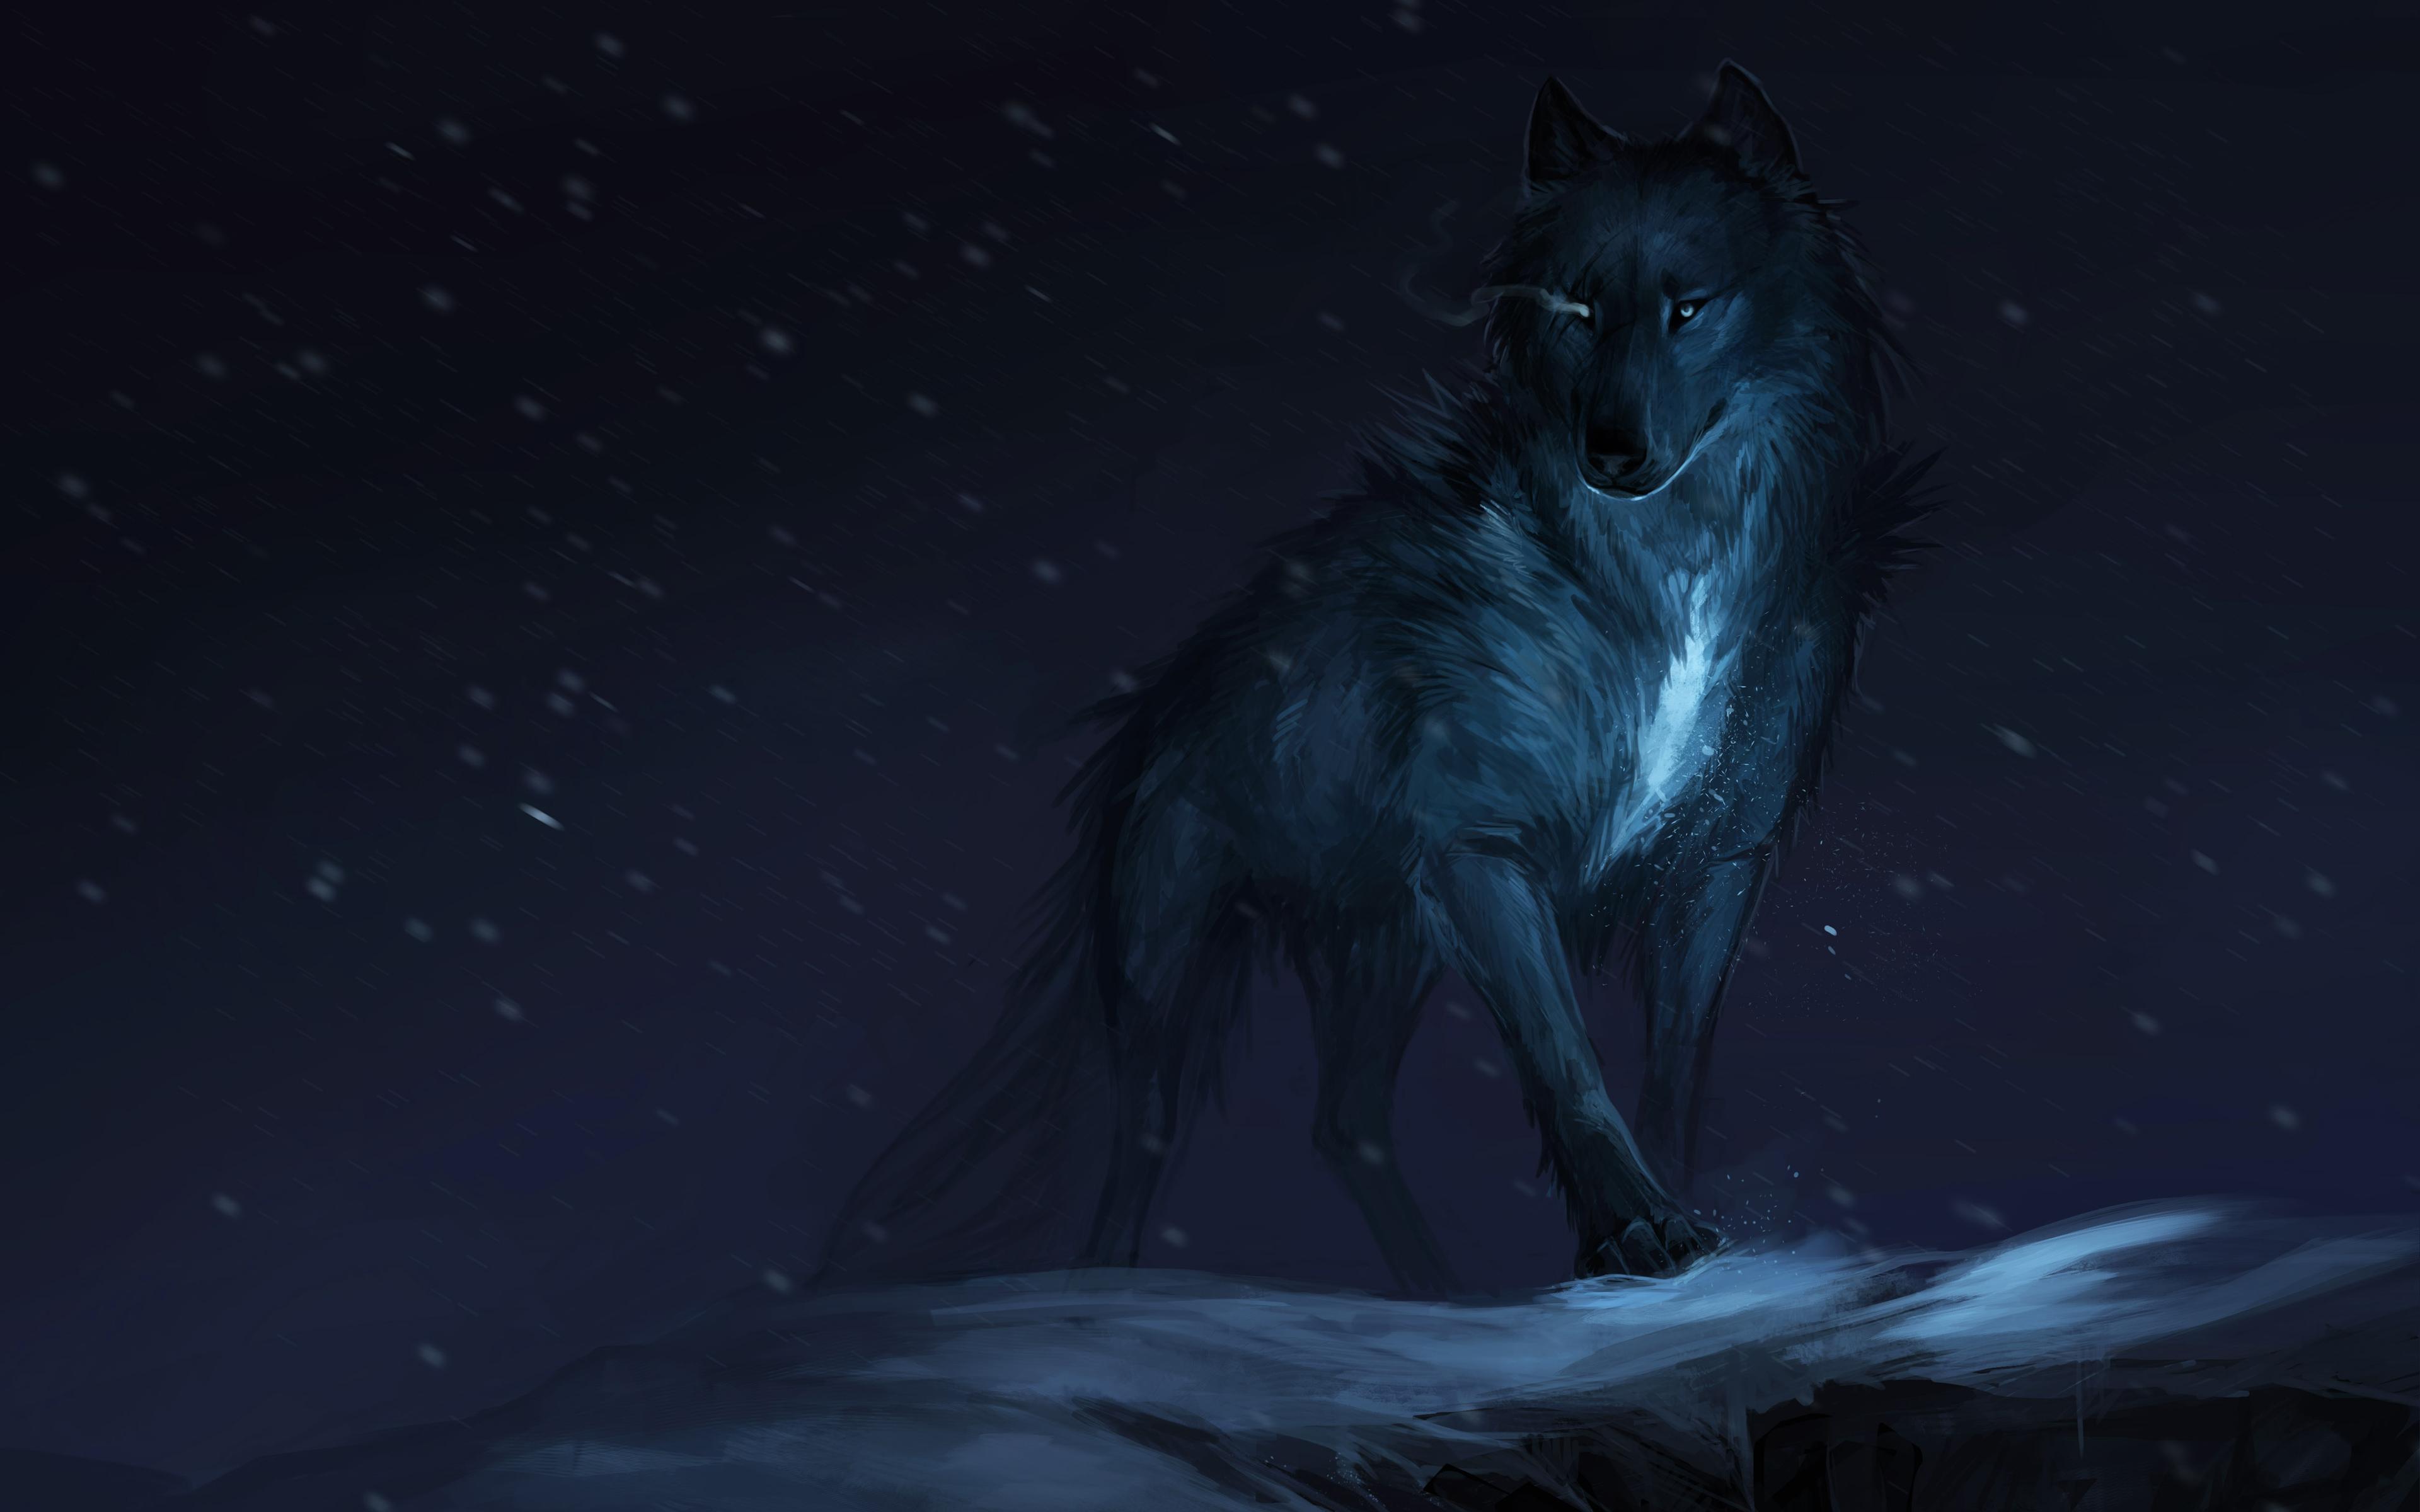 Cgi wolf обои скачать